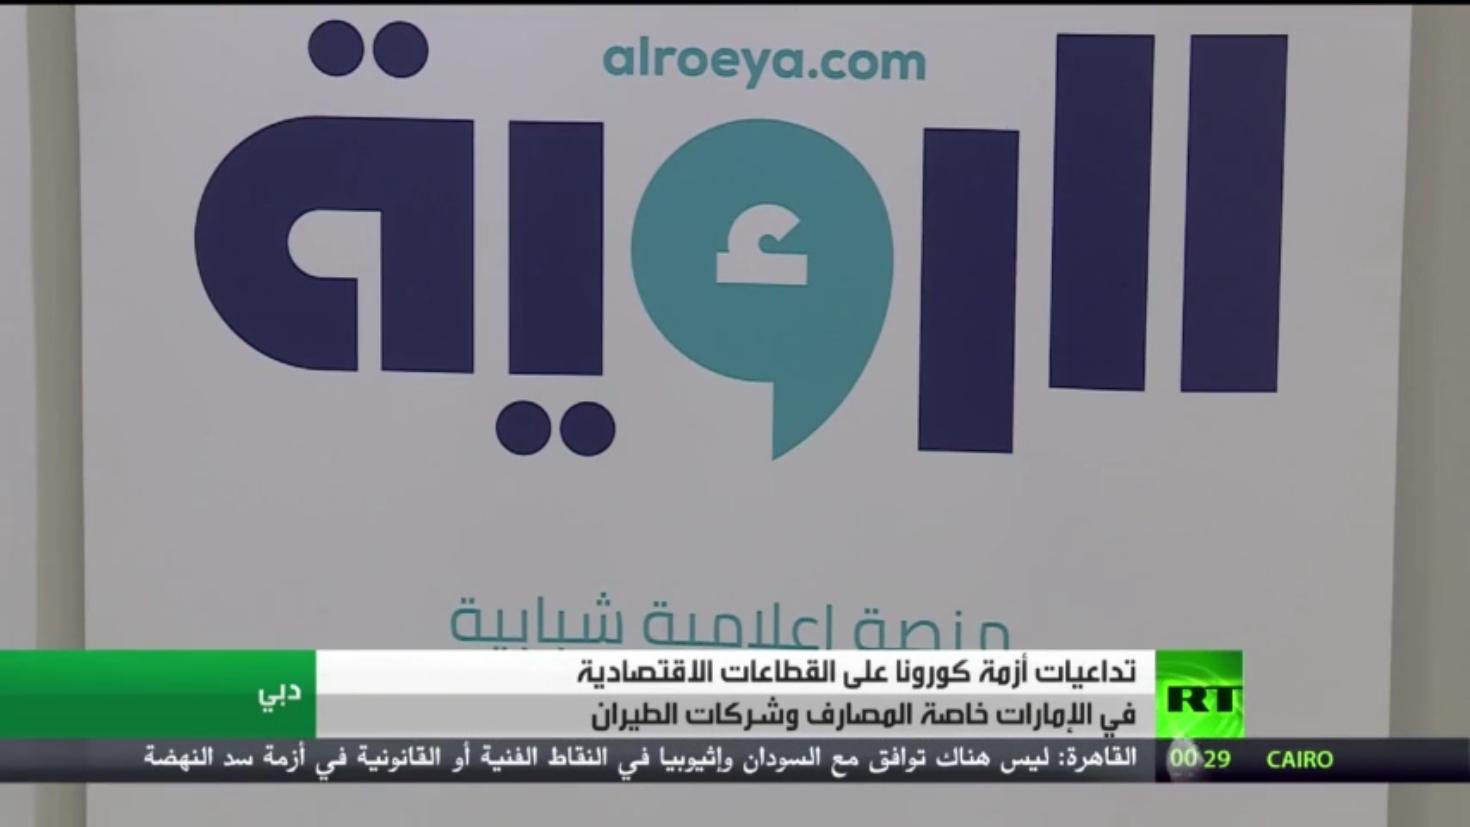 تداعيات أزمة كورونا على اقتصاد الإمارات